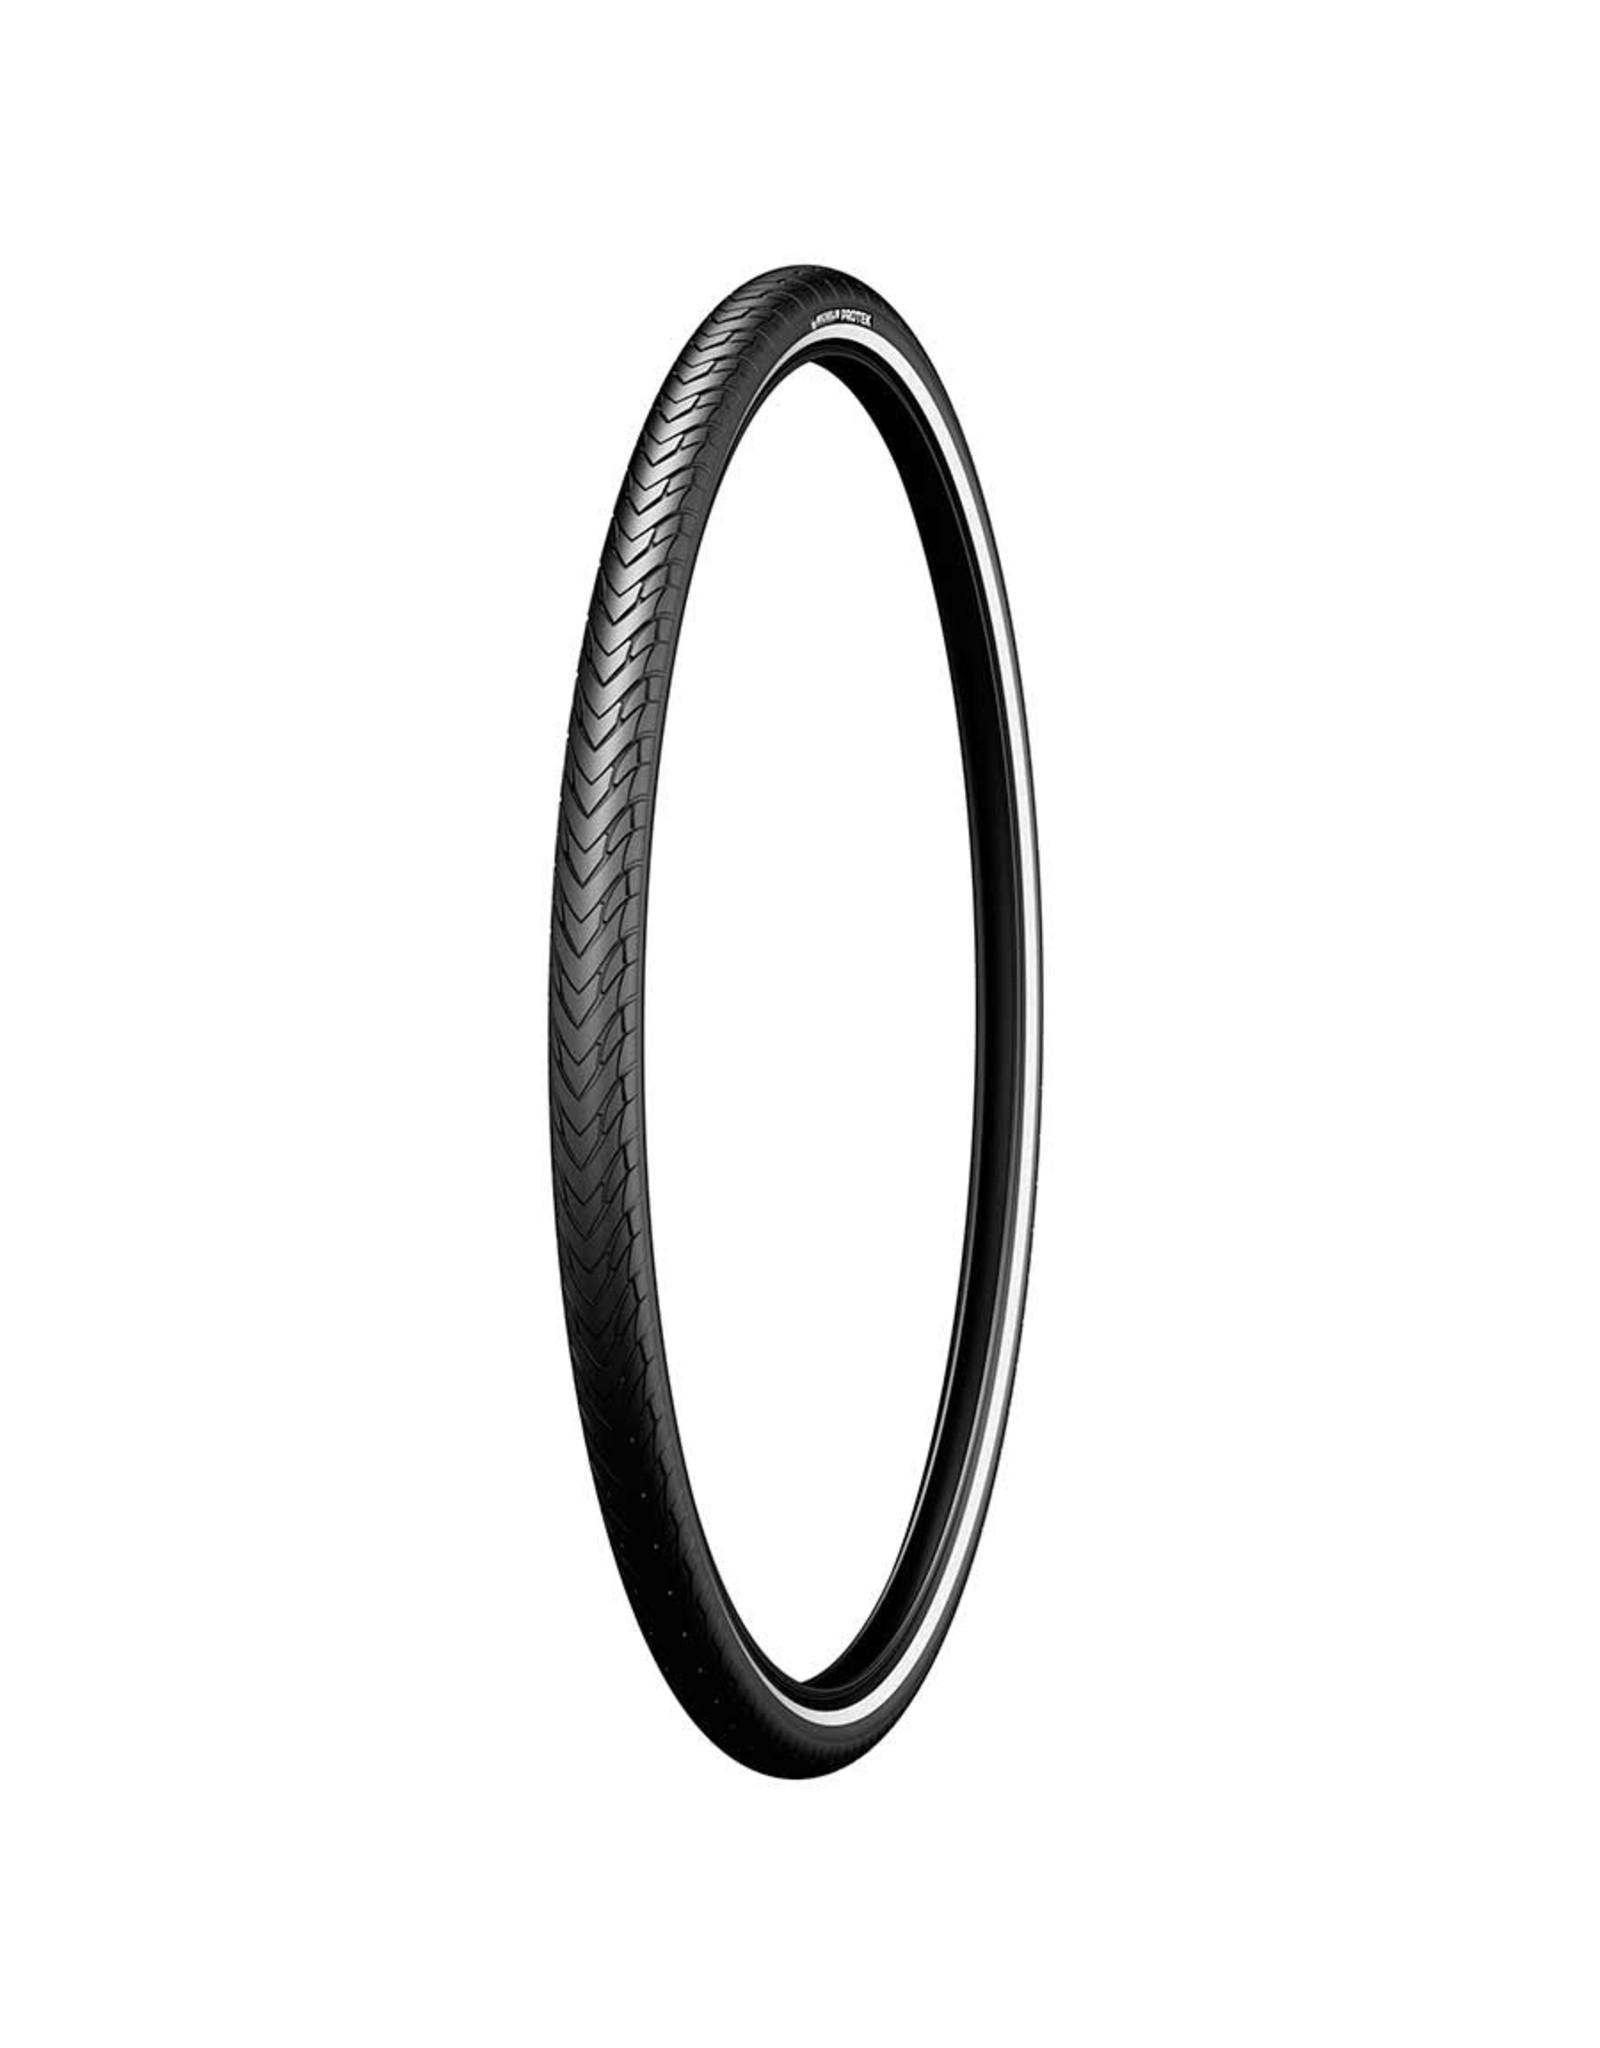 Michelin Michelin, Protek, Tire, 700x38C, Wire, Clincher, Protek 1mm, Reflex, 22TPI, Black